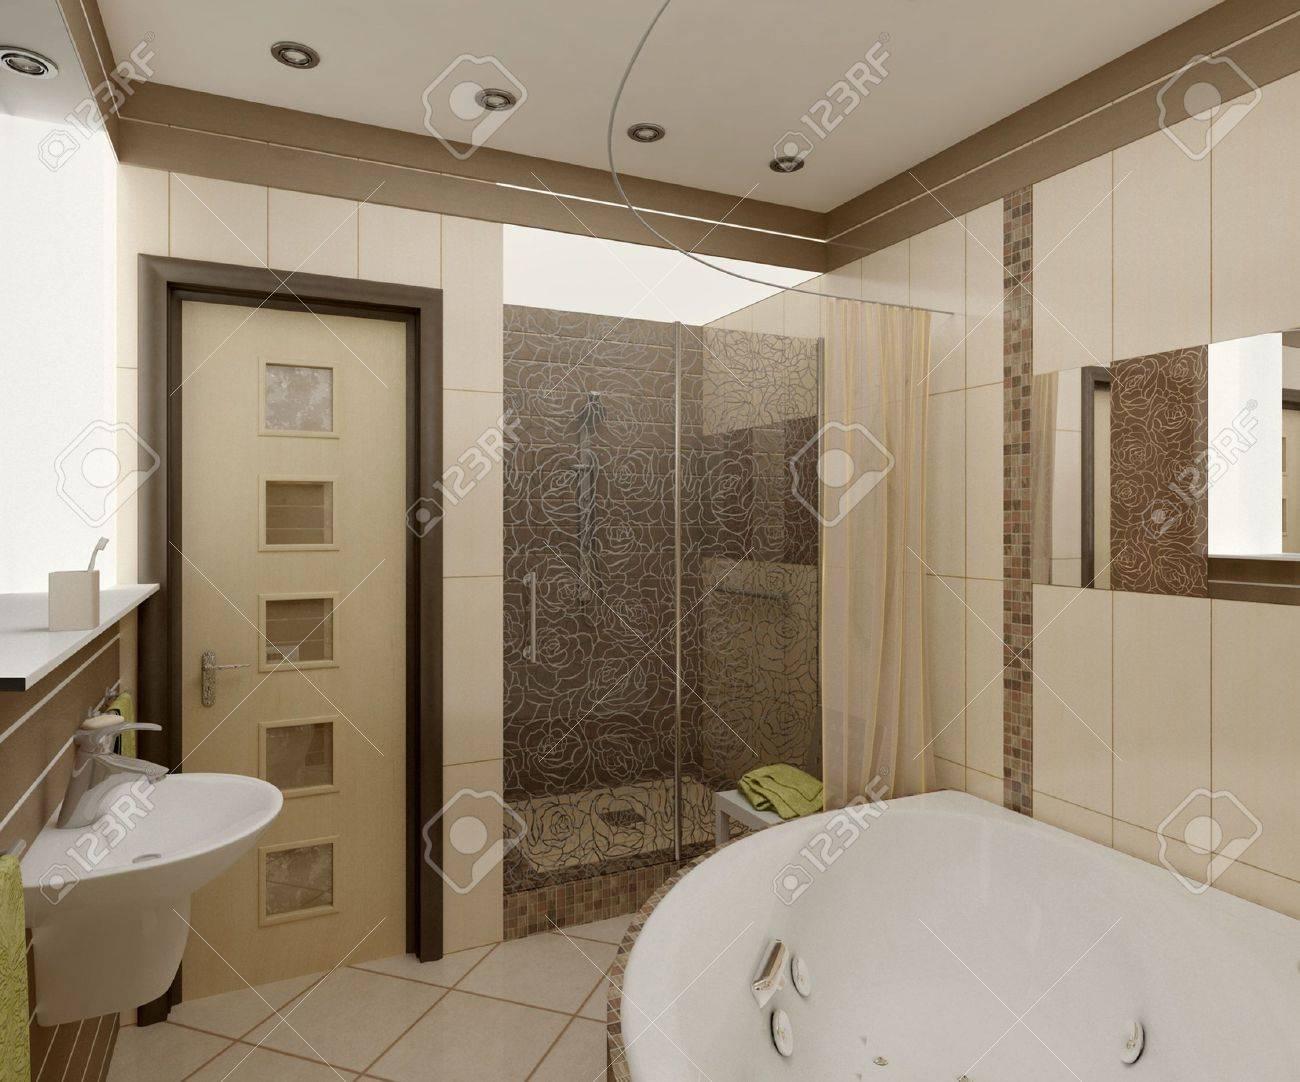 3D salle de bain avec toilettes et douche dans la mosaïque jaune